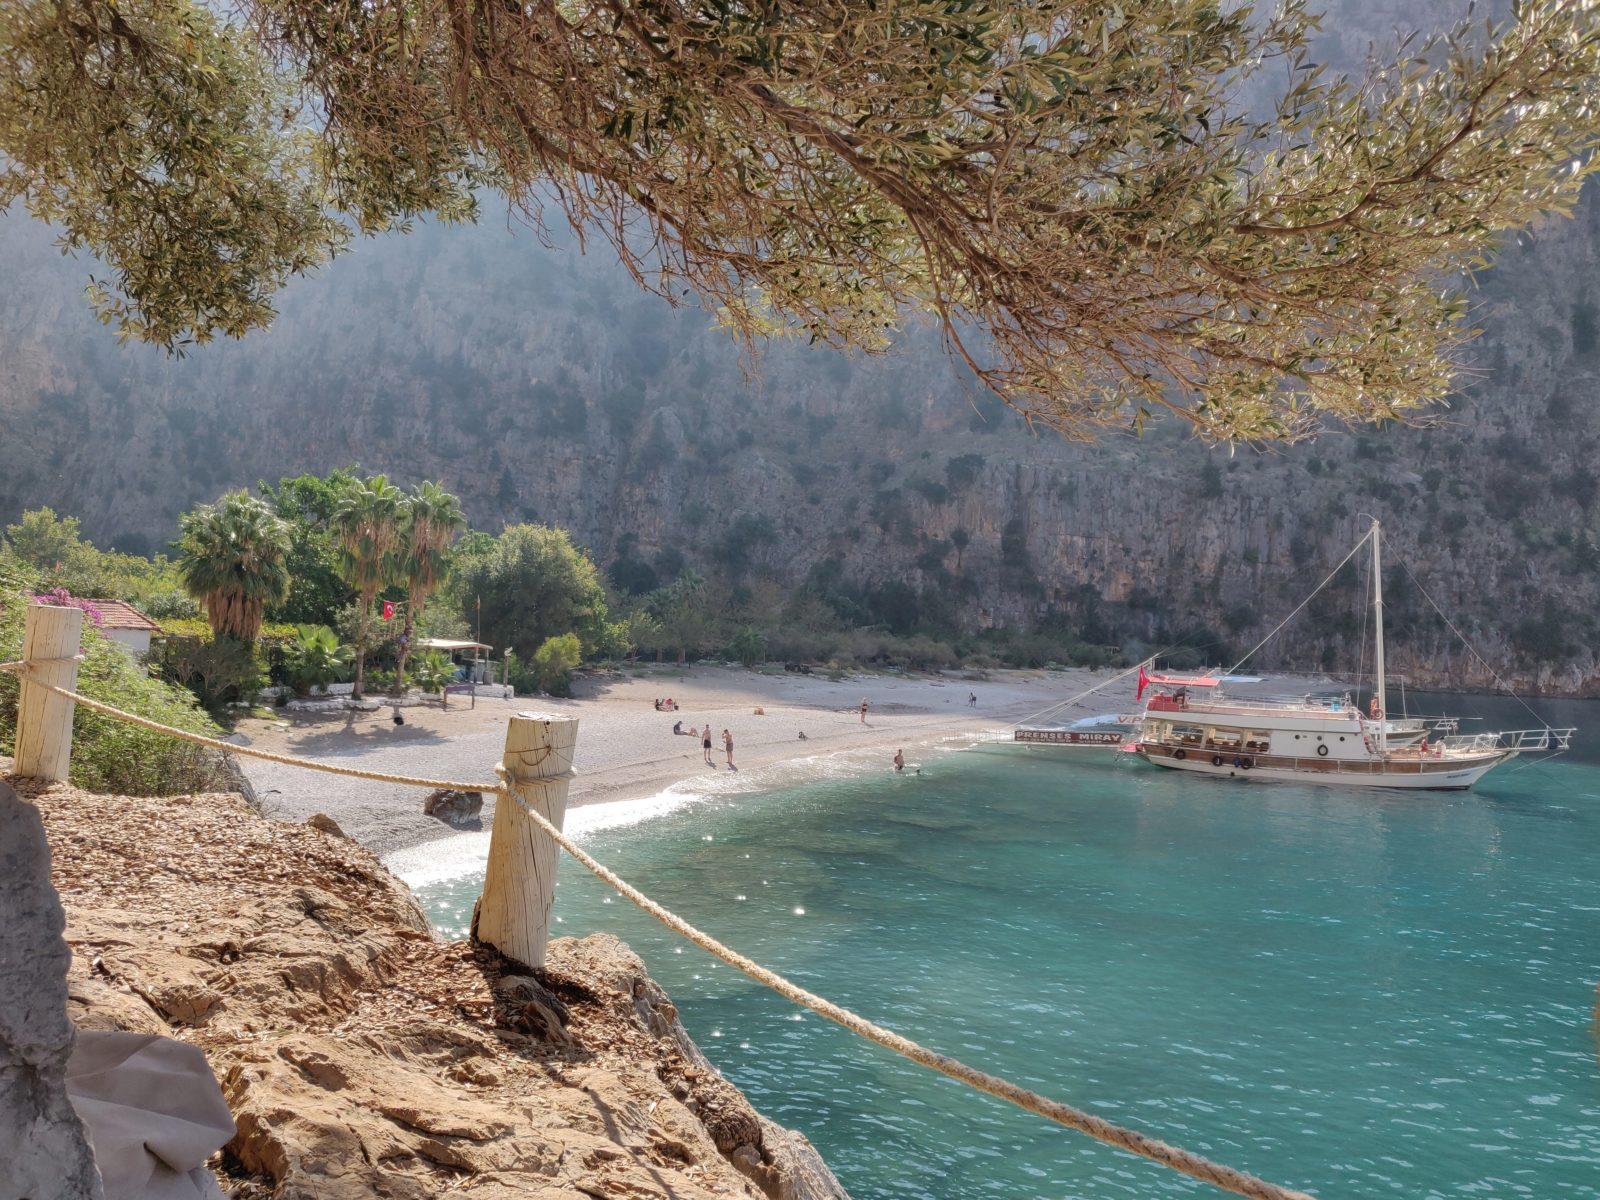 Guía de Fethiye (Turquía) 10 lugares para ver y comer